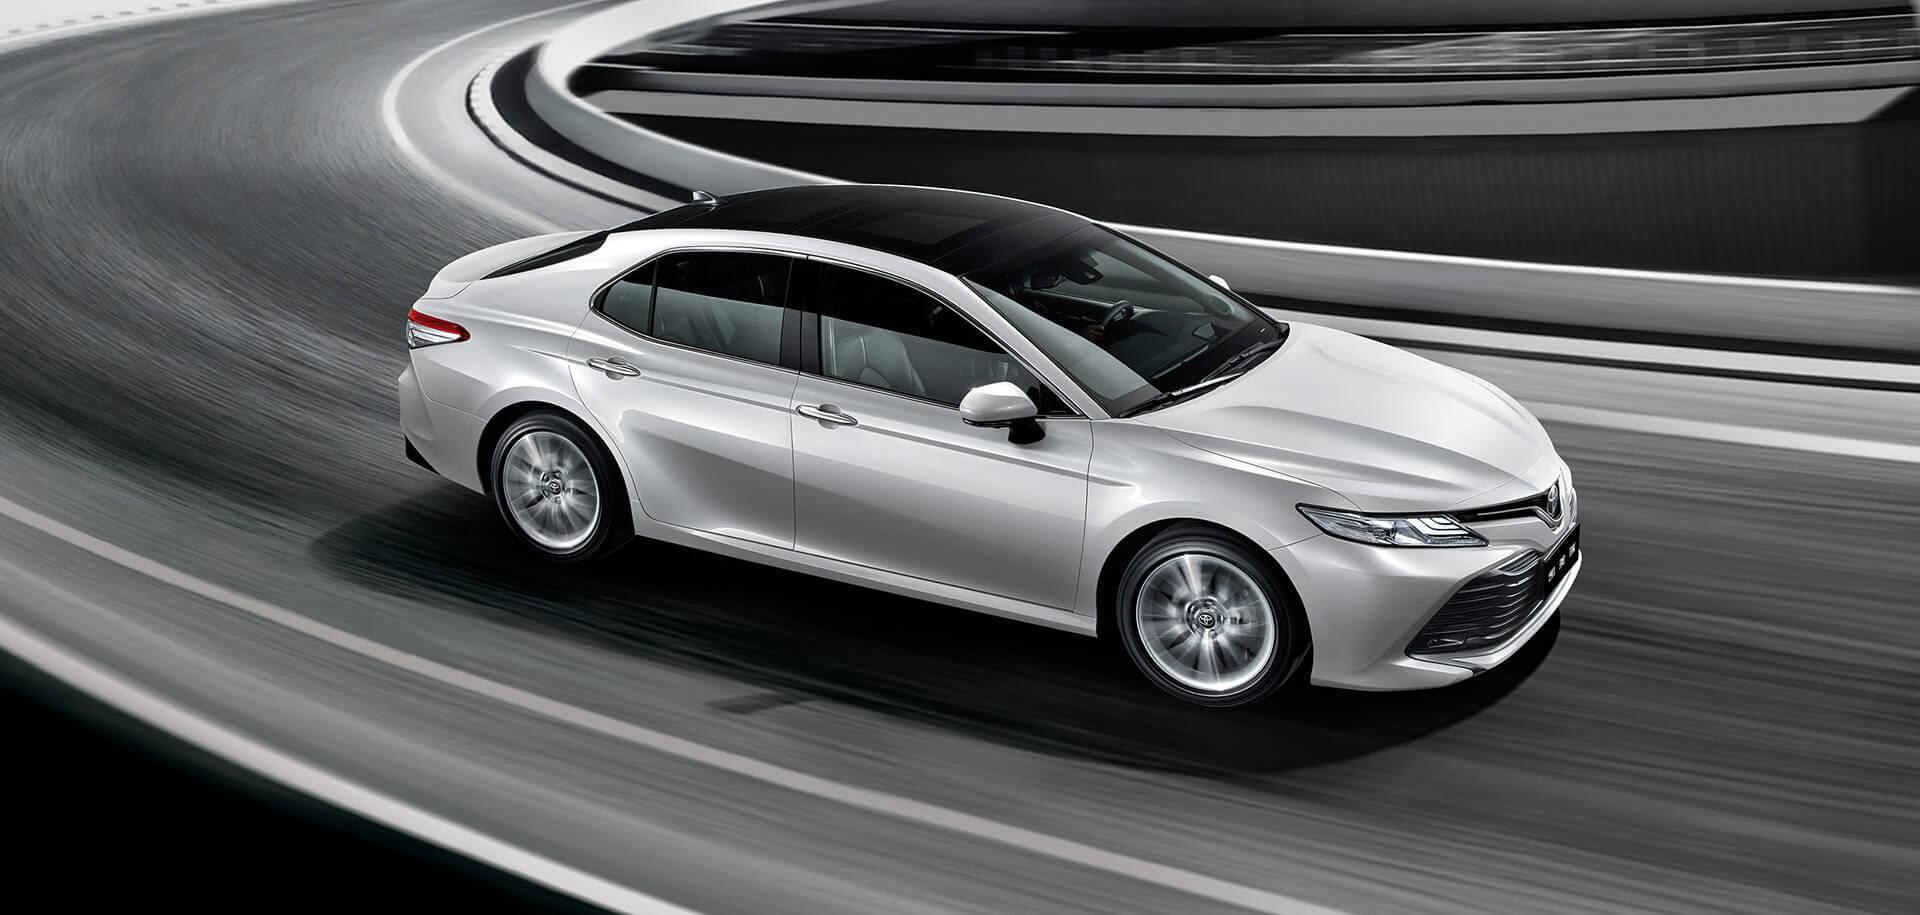 2020年15-20万元中型车投诉前5车型,是否有您想买的车?